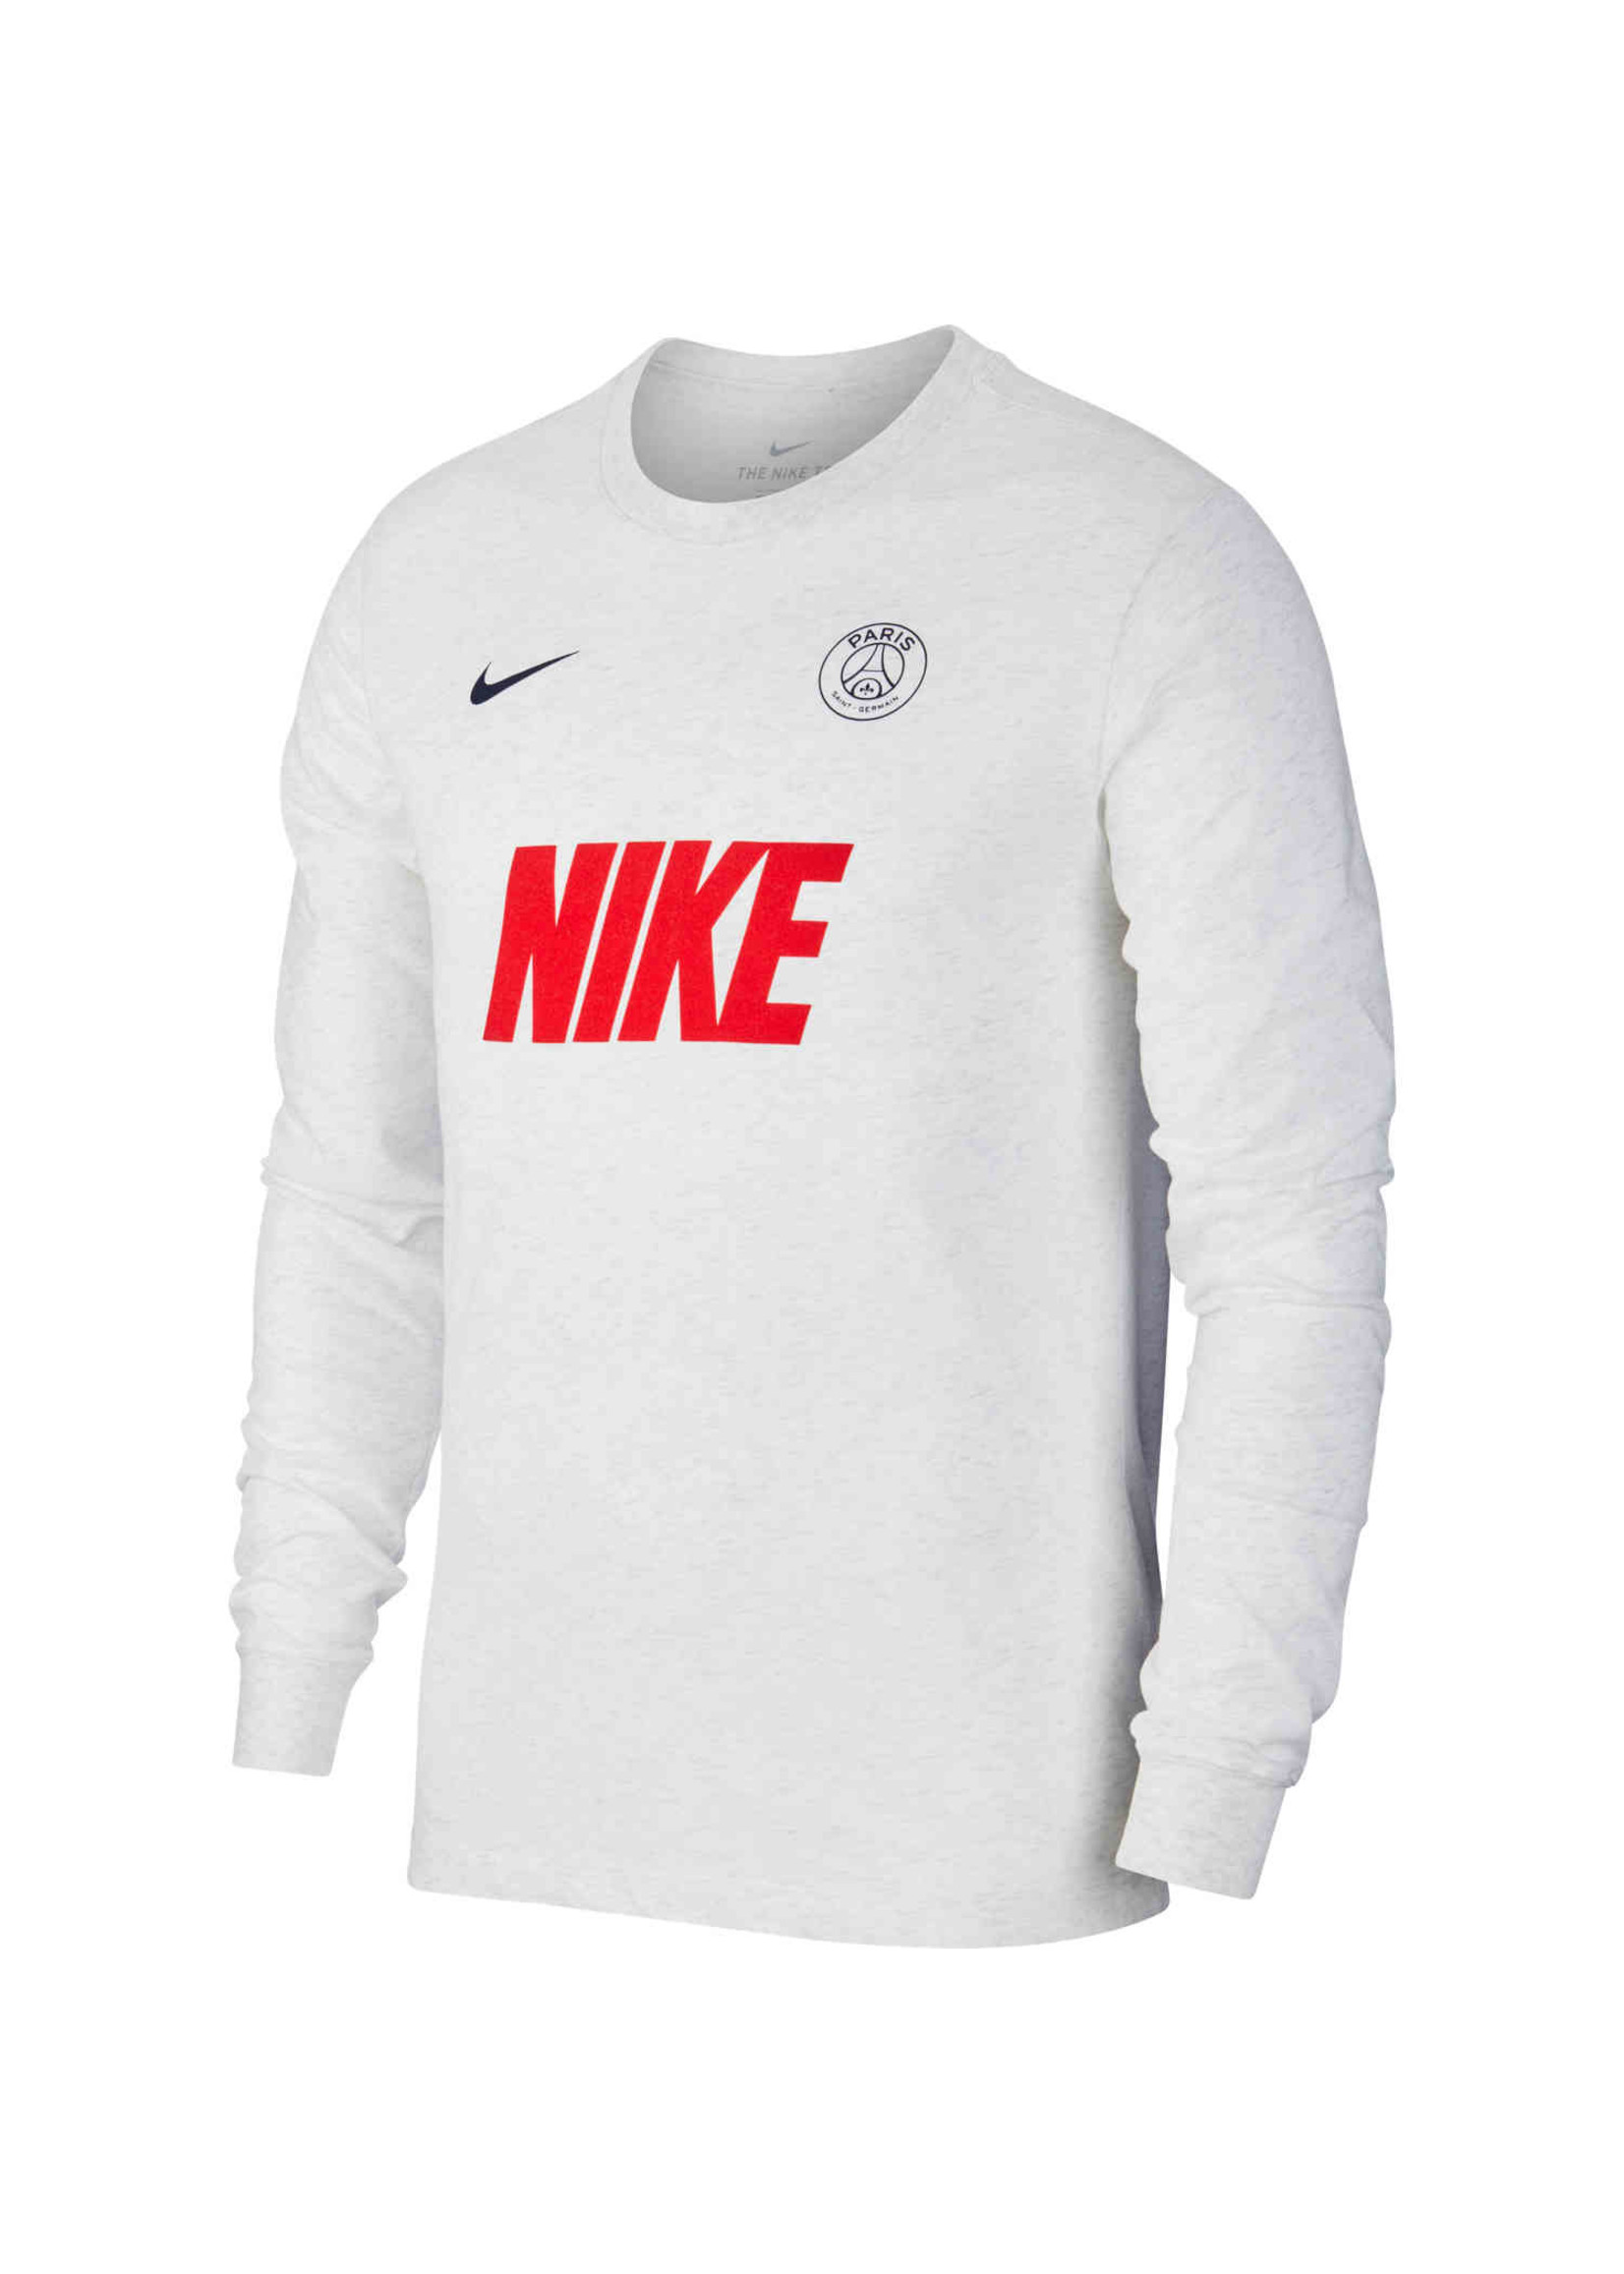 Nike Paris Saint-Germain Long Sleeve T-Shirt